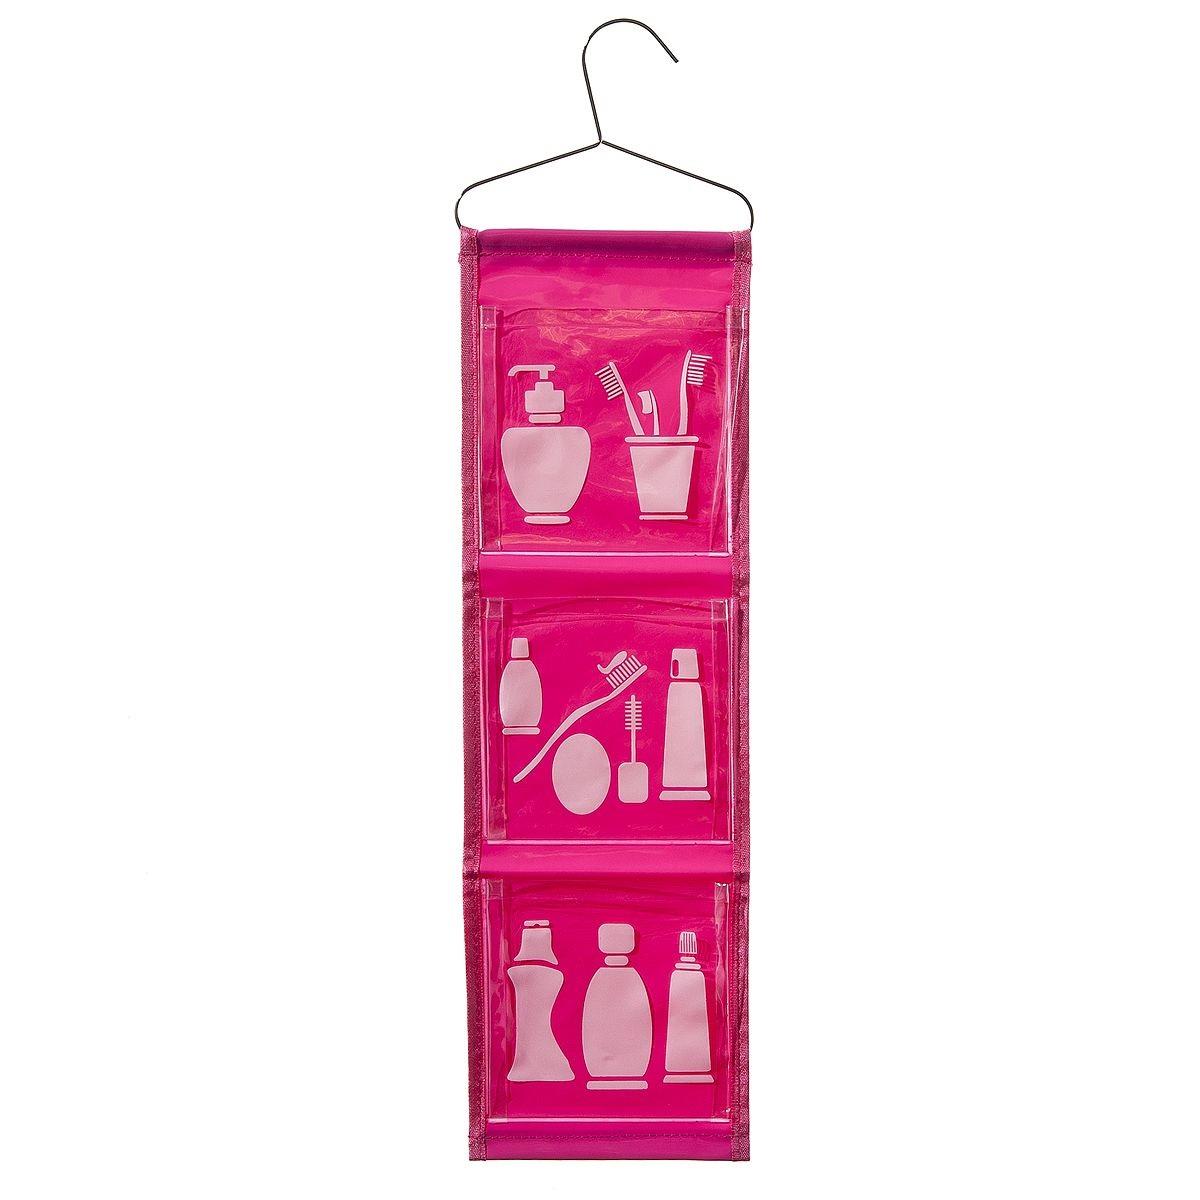 Органайзер для ванной Fresh Code, цвет: розовый, 3 отделения, 65 х 16 см64921_розовыйУдобный и яркий органайзер Fresh Code - это отличное решение для хранения мелочей в ванной комнате. Органайзер оснащен тремя карманами, в которые можно положить необходимые принадлежности для ванной комнаты. Органайзер имеет металлическую вешалку, за которую его можно повесить в любое удобное место. Органайзер Fresh Code станет ярким украшением вашей ванной комнаты.